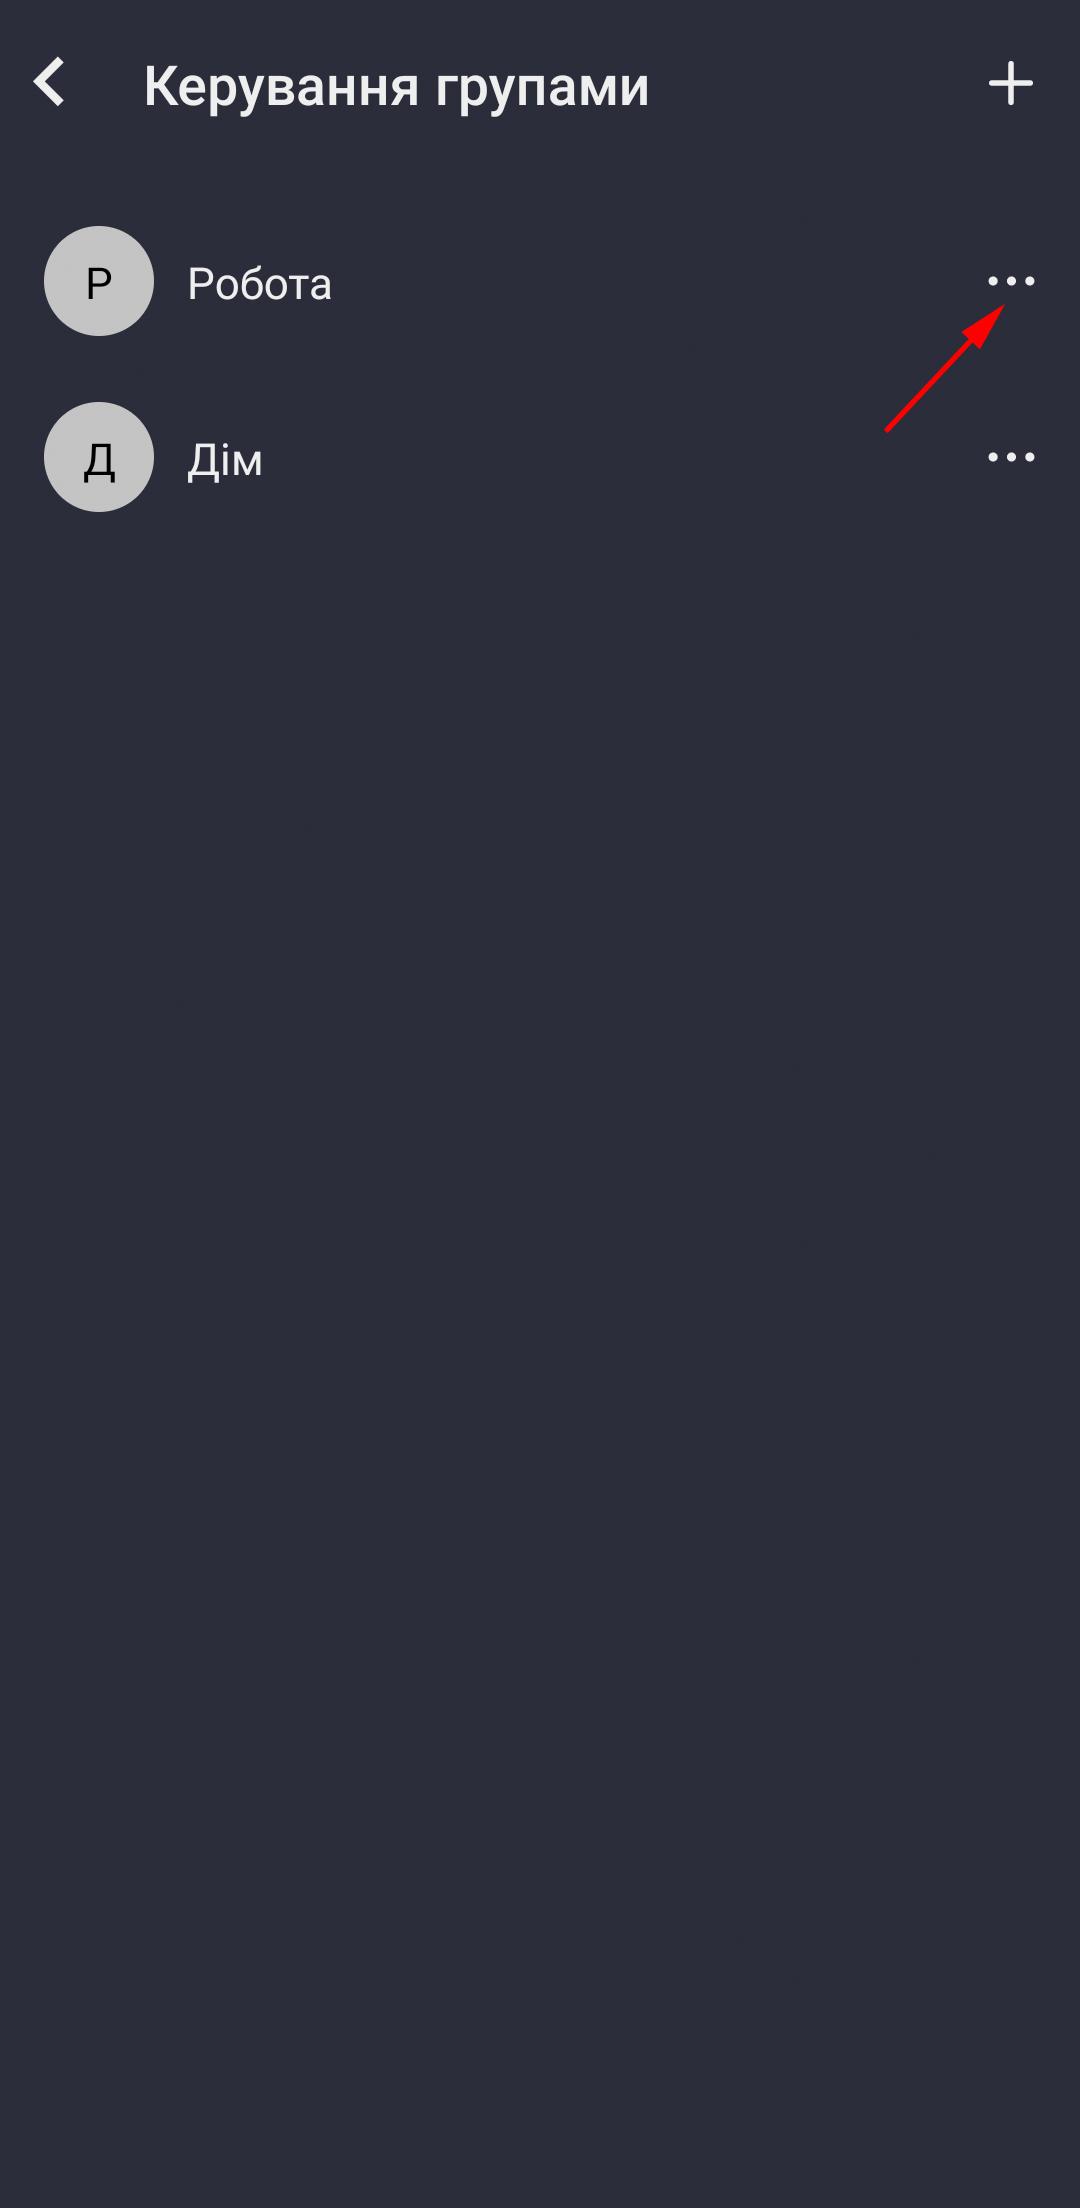 Удаление группы точек доступа в мобильном приложении Propuskator